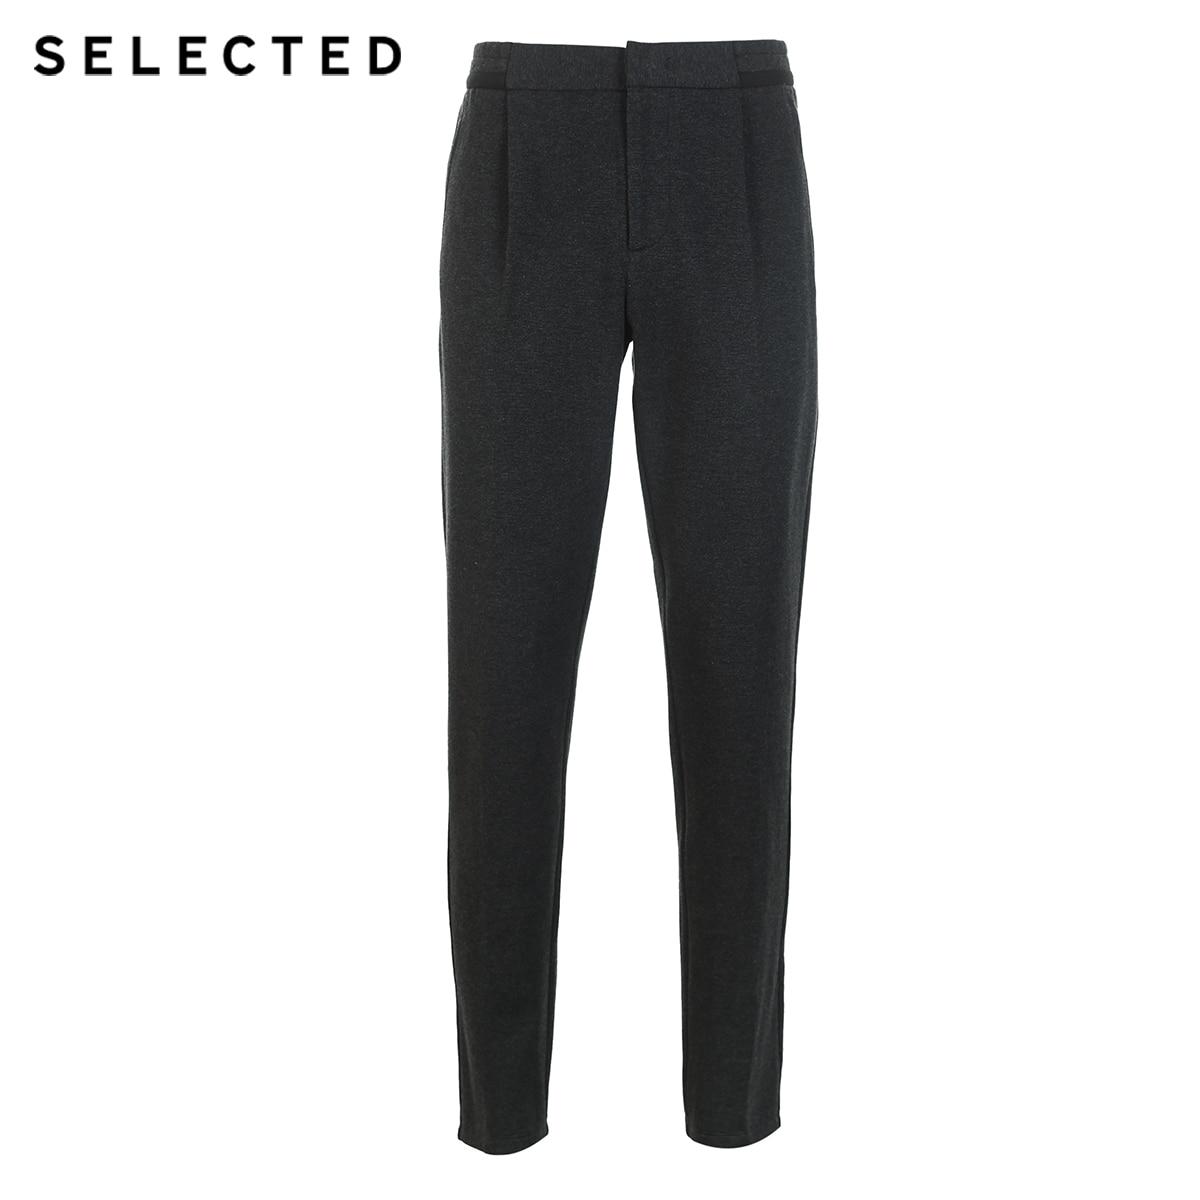 Hombres Melange Algodón S 419114543 Casuales De Cintura Los mezcla Charcoal Seleccionado Pantalones Elástico Btqfnn